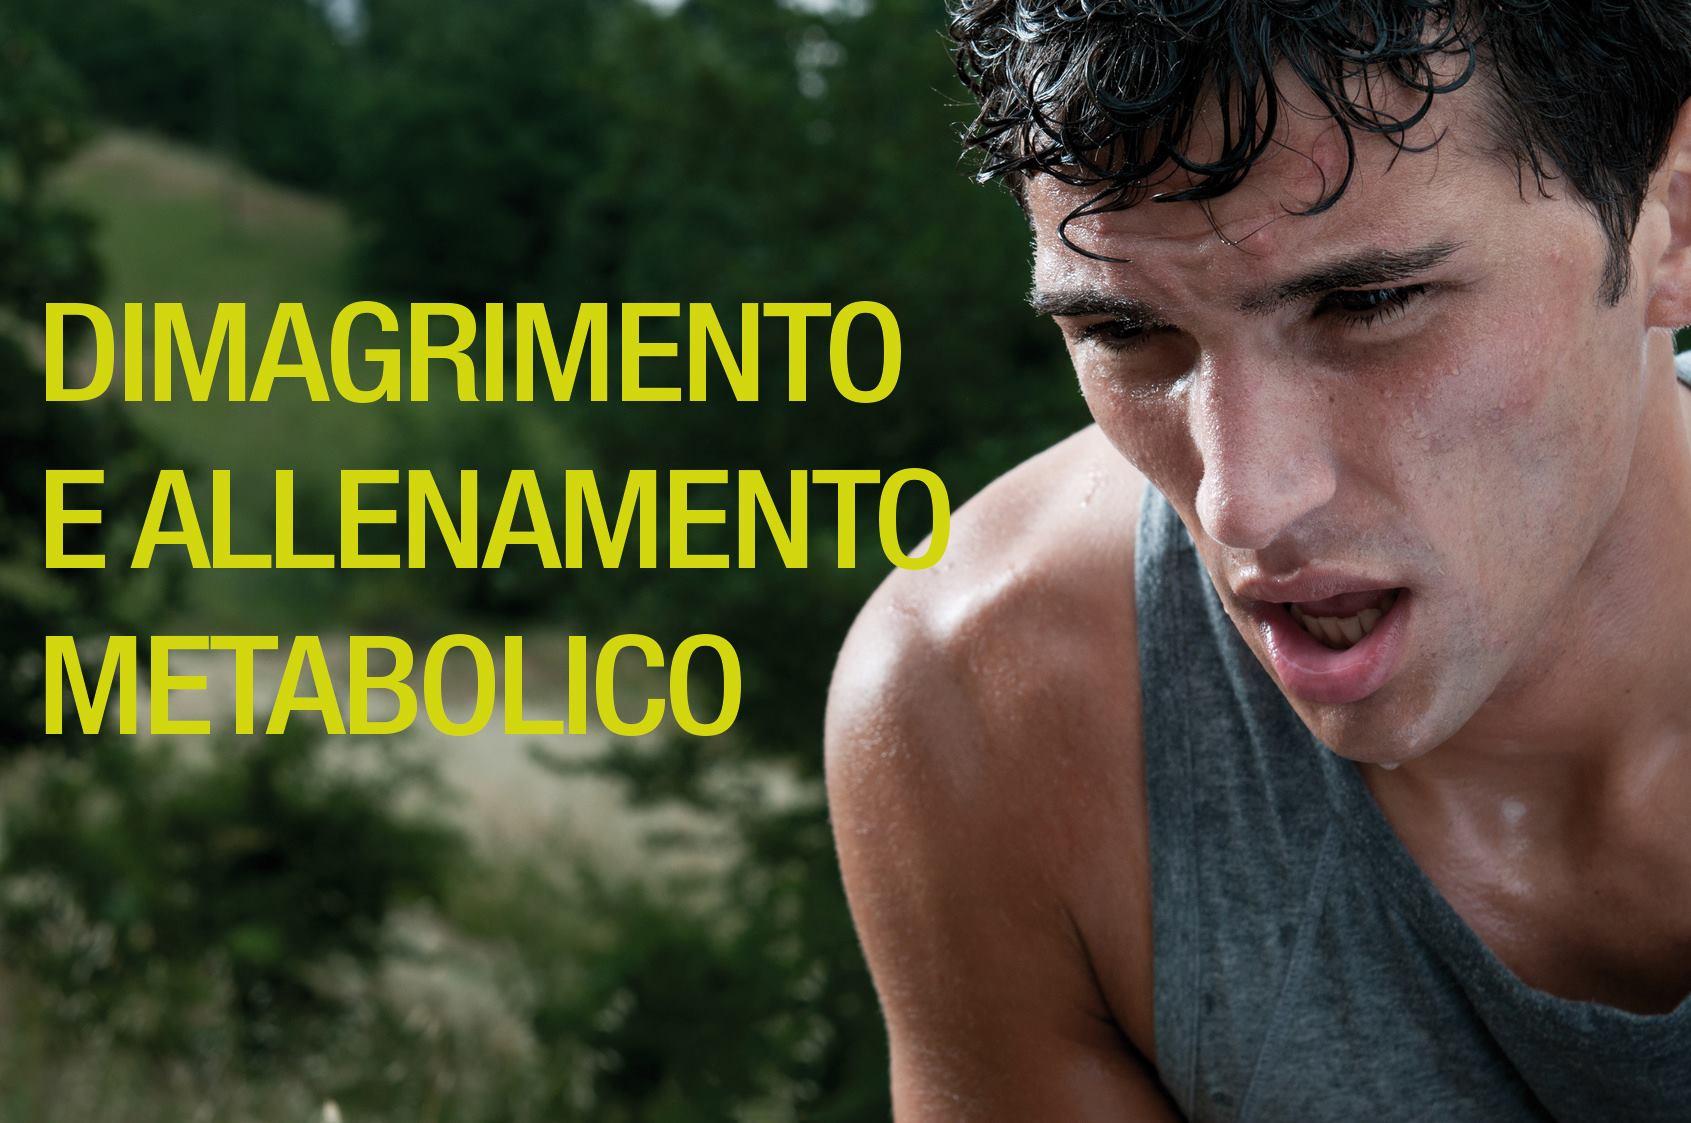 Dimagrimento e Allenamento Metabolico